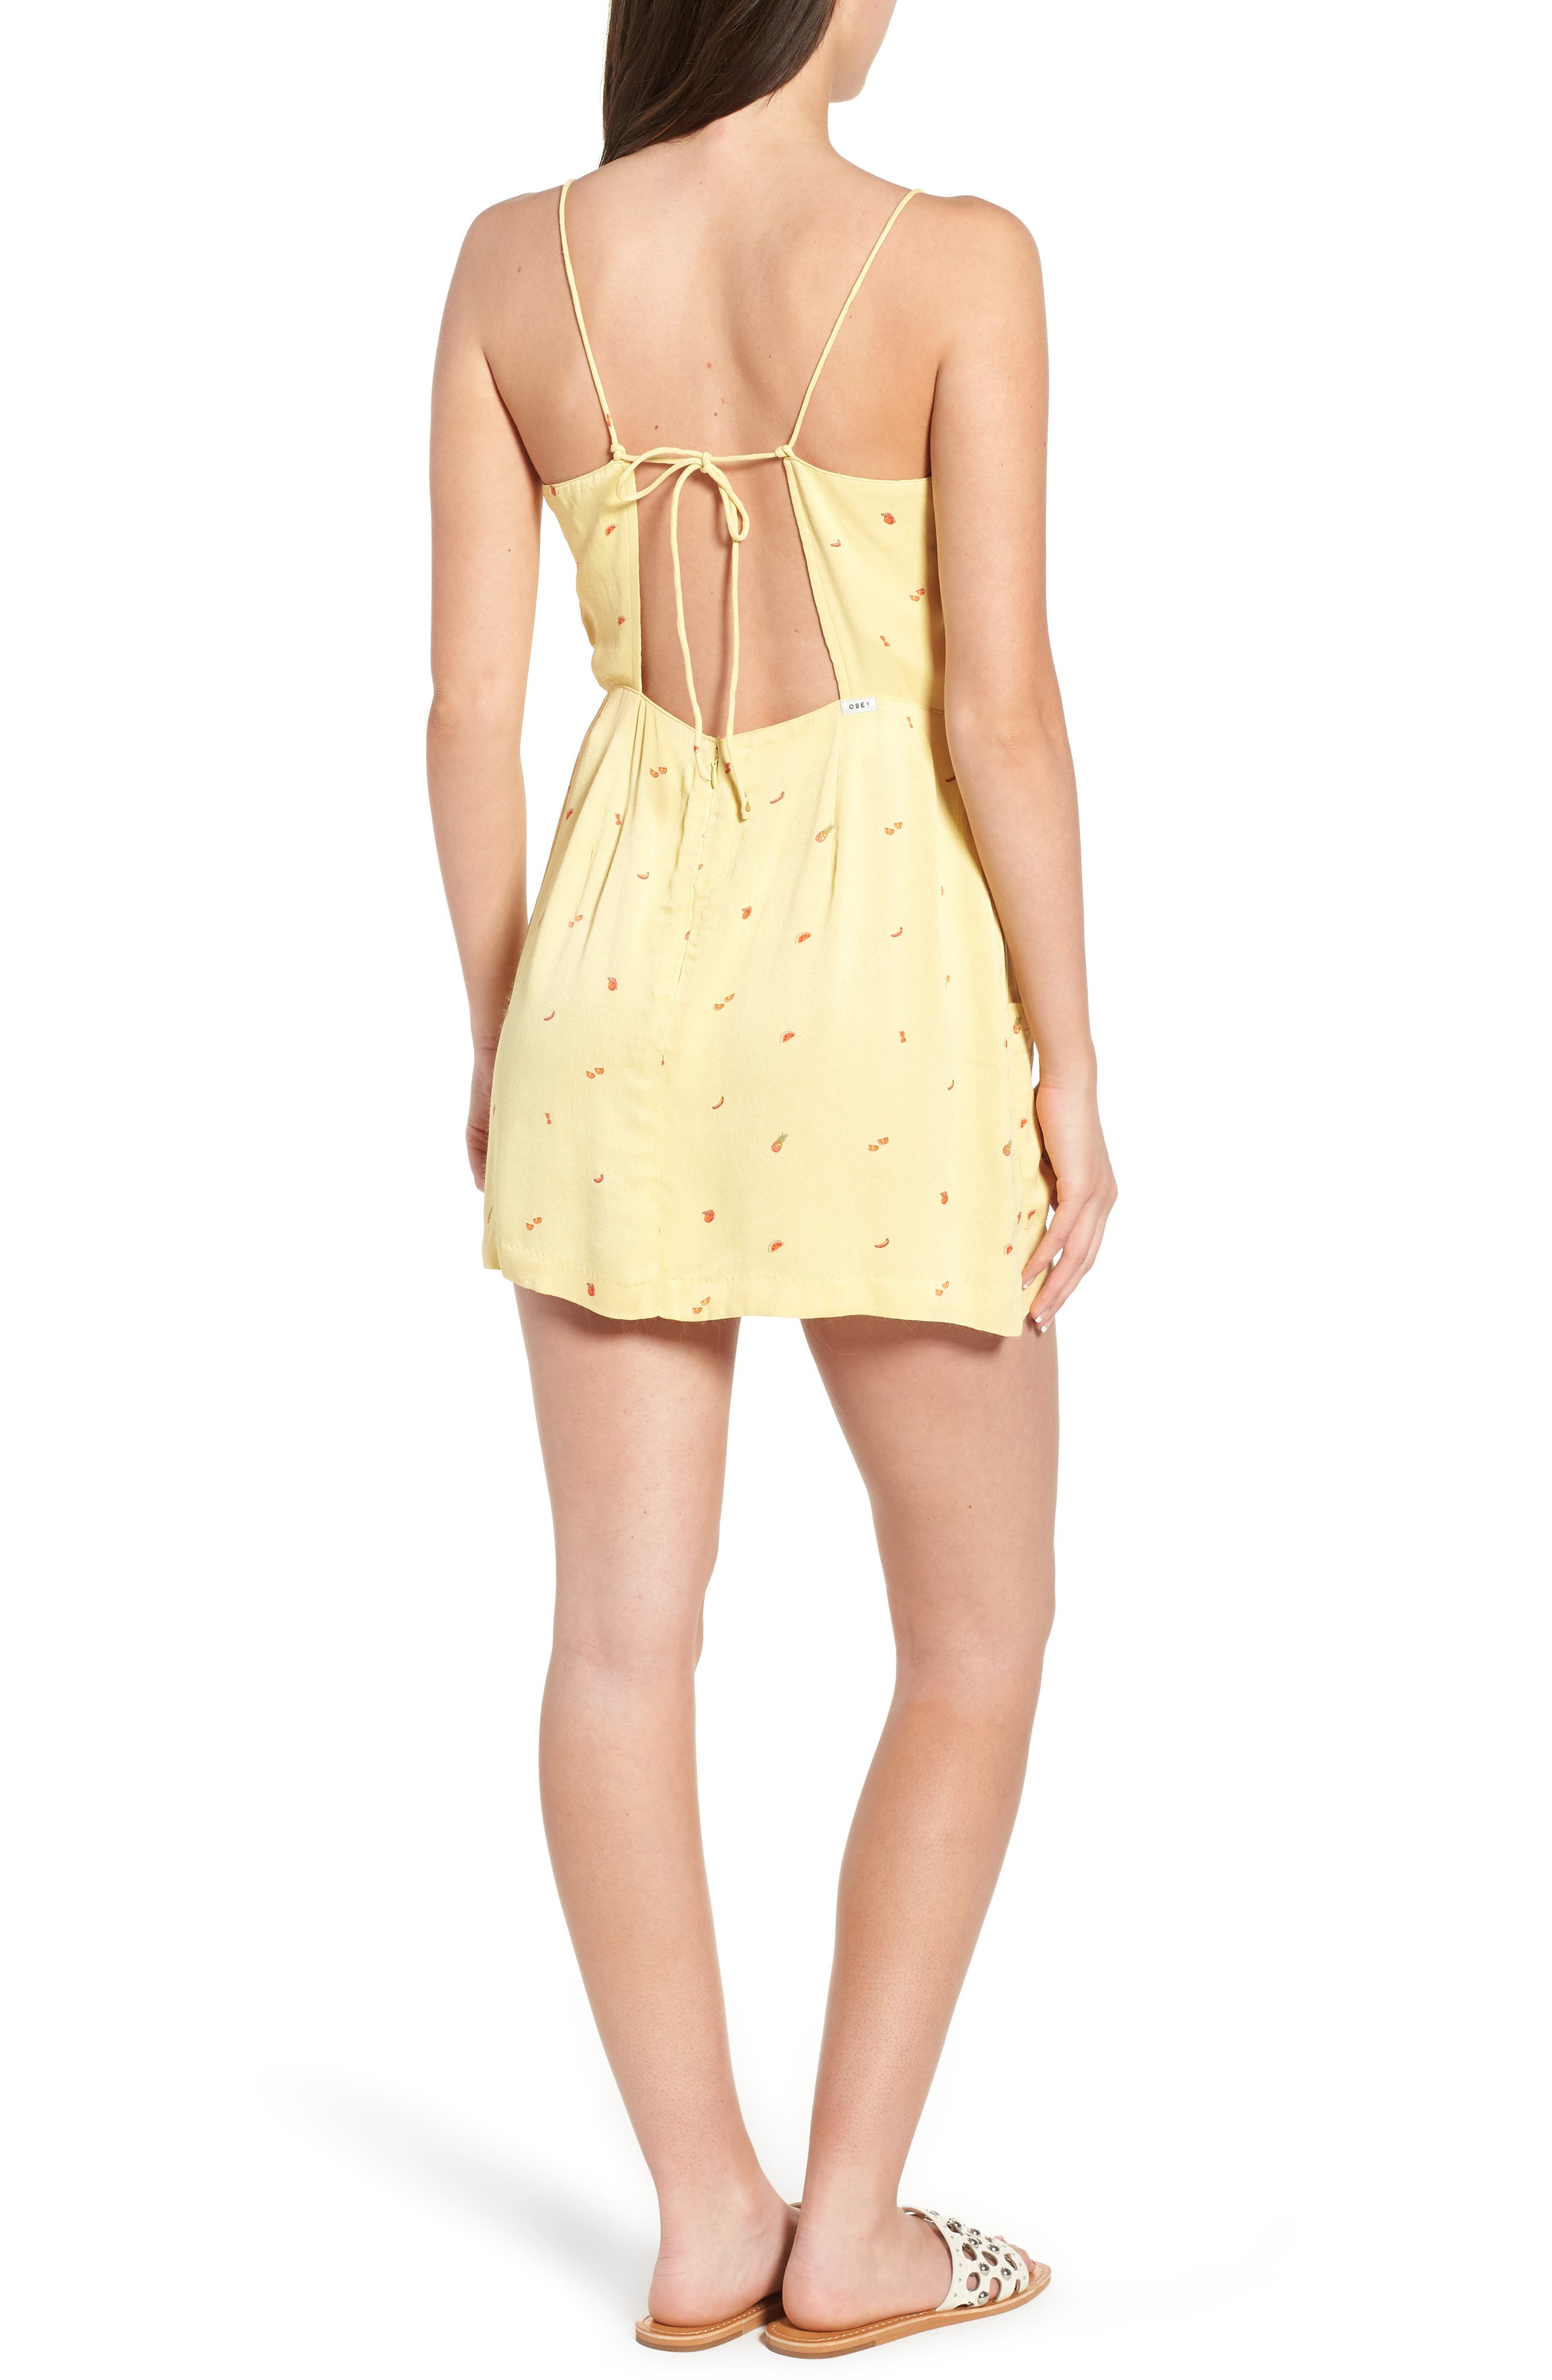 Shilo Fruit Print Minidress,                             Alternate thumbnail 2, color,                             Yellow Multi